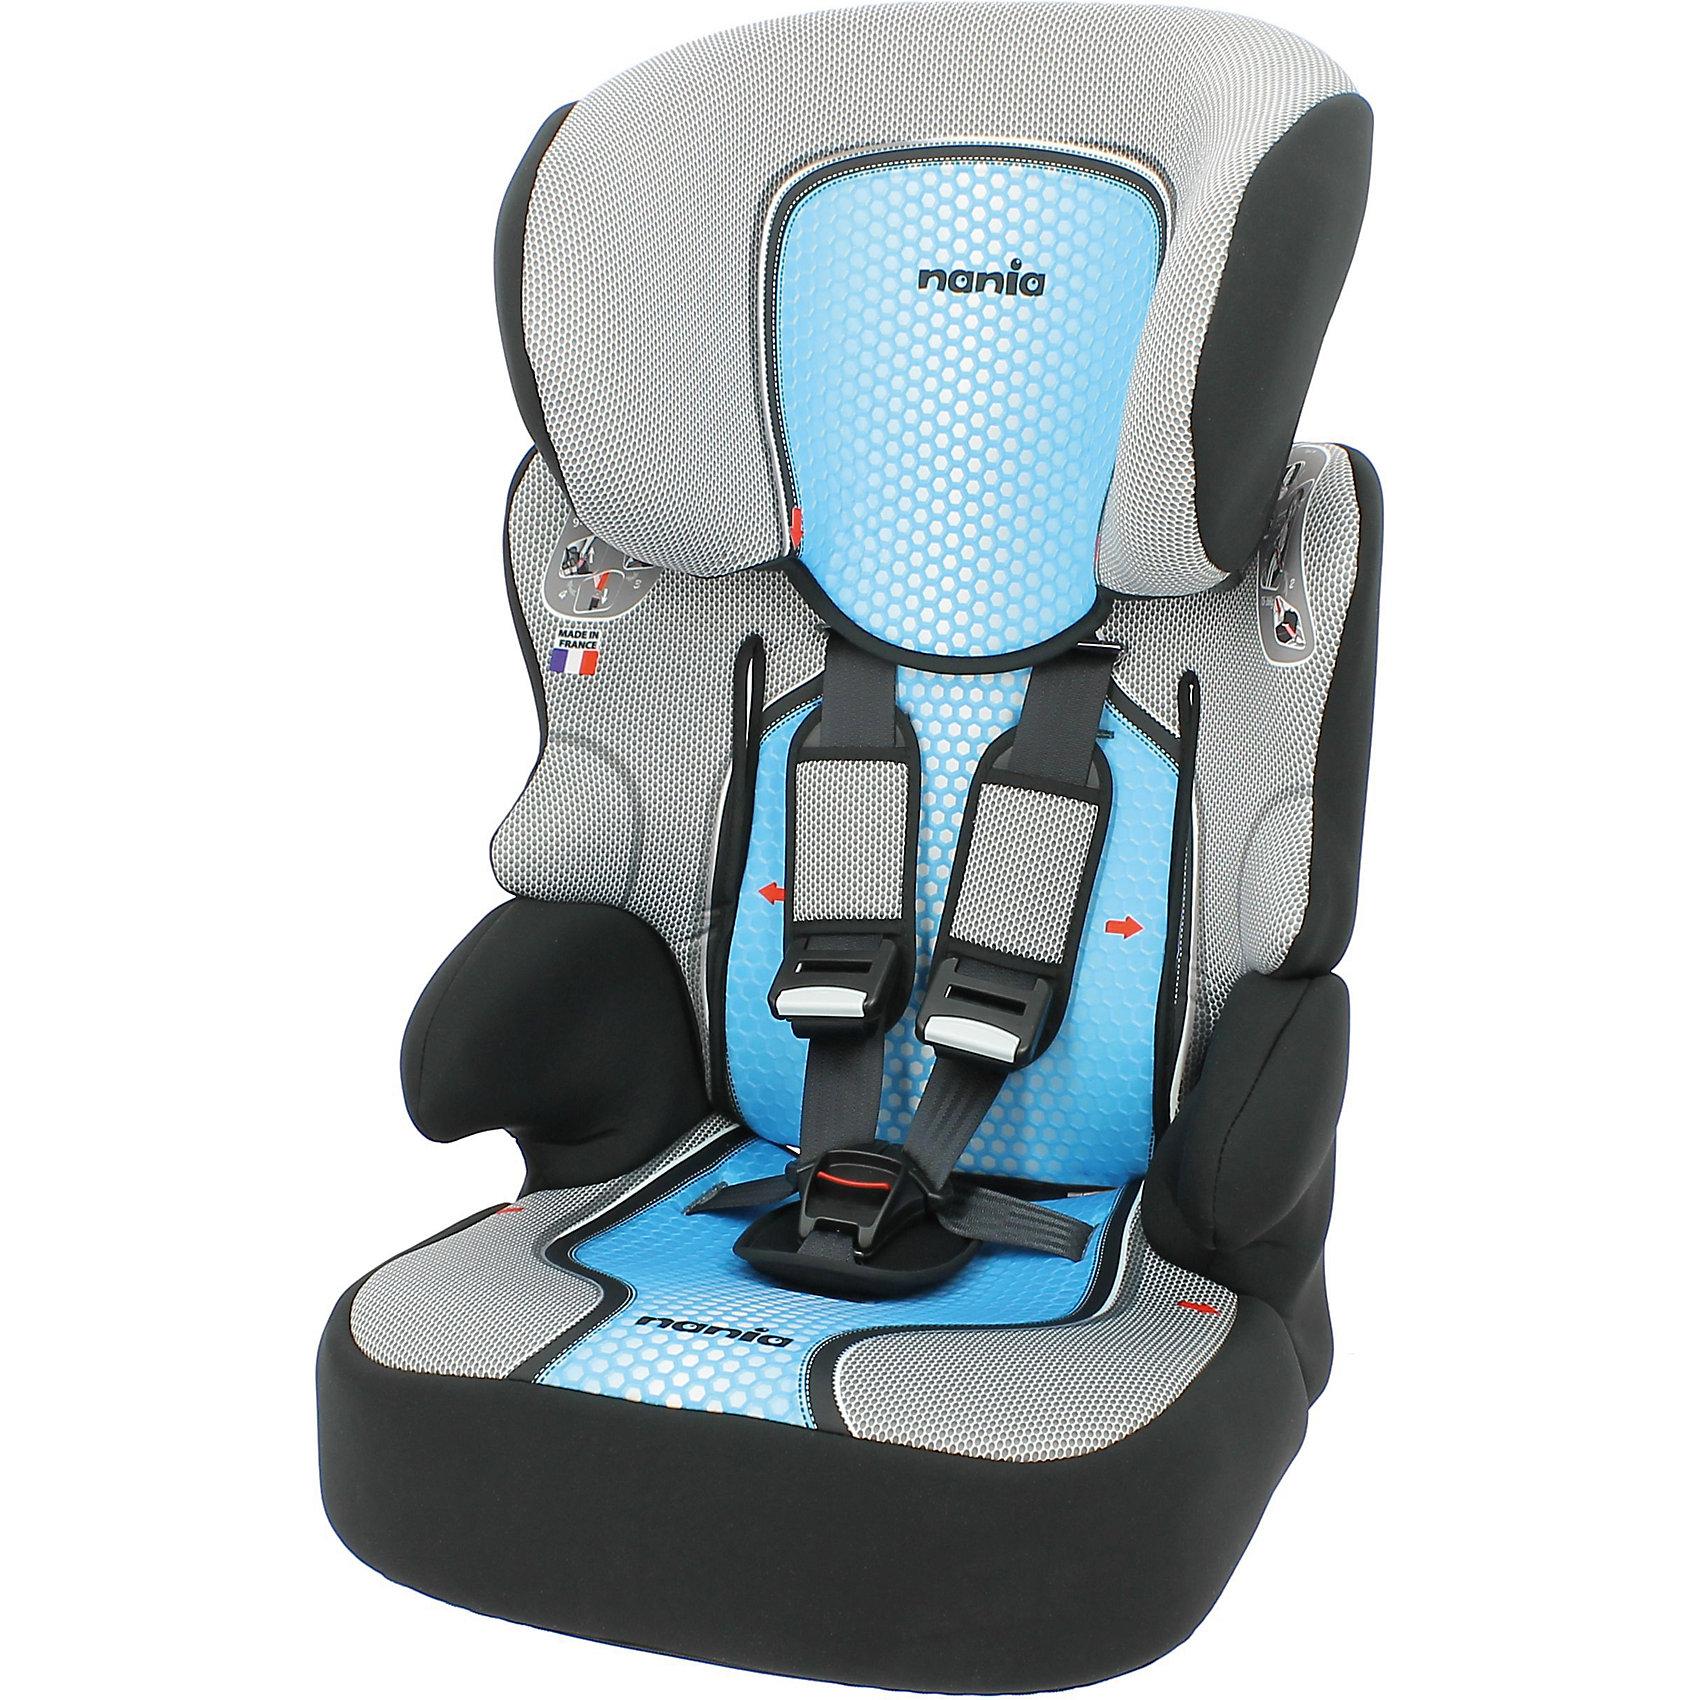 Автокресло Beline SP FST, 9-36 кг., 2016, Nania, синийАвтокресло Beline SP FST от Nania - комфортная надежная модель, которая сделает поездку Вашего ребенка приятной и безопасной. Серия FIRST - это базовая версия с улучшенным дизайном и европейским качеством, гарантирующим безопасность пассажира. Благодаря особой конструкции - фактически это два кресла в одном - автокресло может использоваться в течении длительного времени и охватывает весовые категории детей от 1 года до 12 лет. По мере взросления ребенка, высота подголовника и съемной спинки регулируется (шесть позиций высоты подголовника). Для ребенка весом от 9 до 18 кг. следует использовать фиксирующий зажим ремня безопасности, который прикреплен шнурком к спинке автокресла. Для детей 6-12 лет кресло можно легко превратить в бустер, отсоединив съемную спинку от сиденья. <br><br>Комфортное кресло имеет анатомическую форму с мягкой подкладкой и подлокотниками и обеспечивает удобство сидения во время длительных поездок. Модель оснащена пятиточечными ремнями безопасности с мягкими плечевыми накладками. Сбоку кресла имеется сетчатый карман для детских принадлежностей. Усиленная боковая защита SP - Side Protection убережёт ребёнка от серьезных травм. Автокресло устанавливается на заднее сиденье автомобиля по ходу движения. <br><br>Кресло изготовлено из высококачественных материалов, тканевые чехлы снимаются для чистки или стирки. Рассчитано на детей от 1 года до 12 лет, весом 9-36 кг.<br><br>Дополнительная информация:<br><br>- Материал: полиэстер, пластик.<br>- Размер: 45 х 45 х 72-88 см.<br>- Размеры сиденья: 34 х 30 см.<br>- Высота спинки: 64-75 см.<br>- Вес: 4,7 кг<br><br>Автокресло Beline SP FST Nania можно купить в нашем интернет-магазине.<br><br>Ширина мм: 450<br>Глубина мм: 500<br>Высота мм: 710<br>Вес г: 10520<br>Цвет: синий<br>Возраст от месяцев: 36<br>Возраст до месяцев: 144<br>Пол: Мужской<br>Возраст: Детский<br>SKU: 4996369